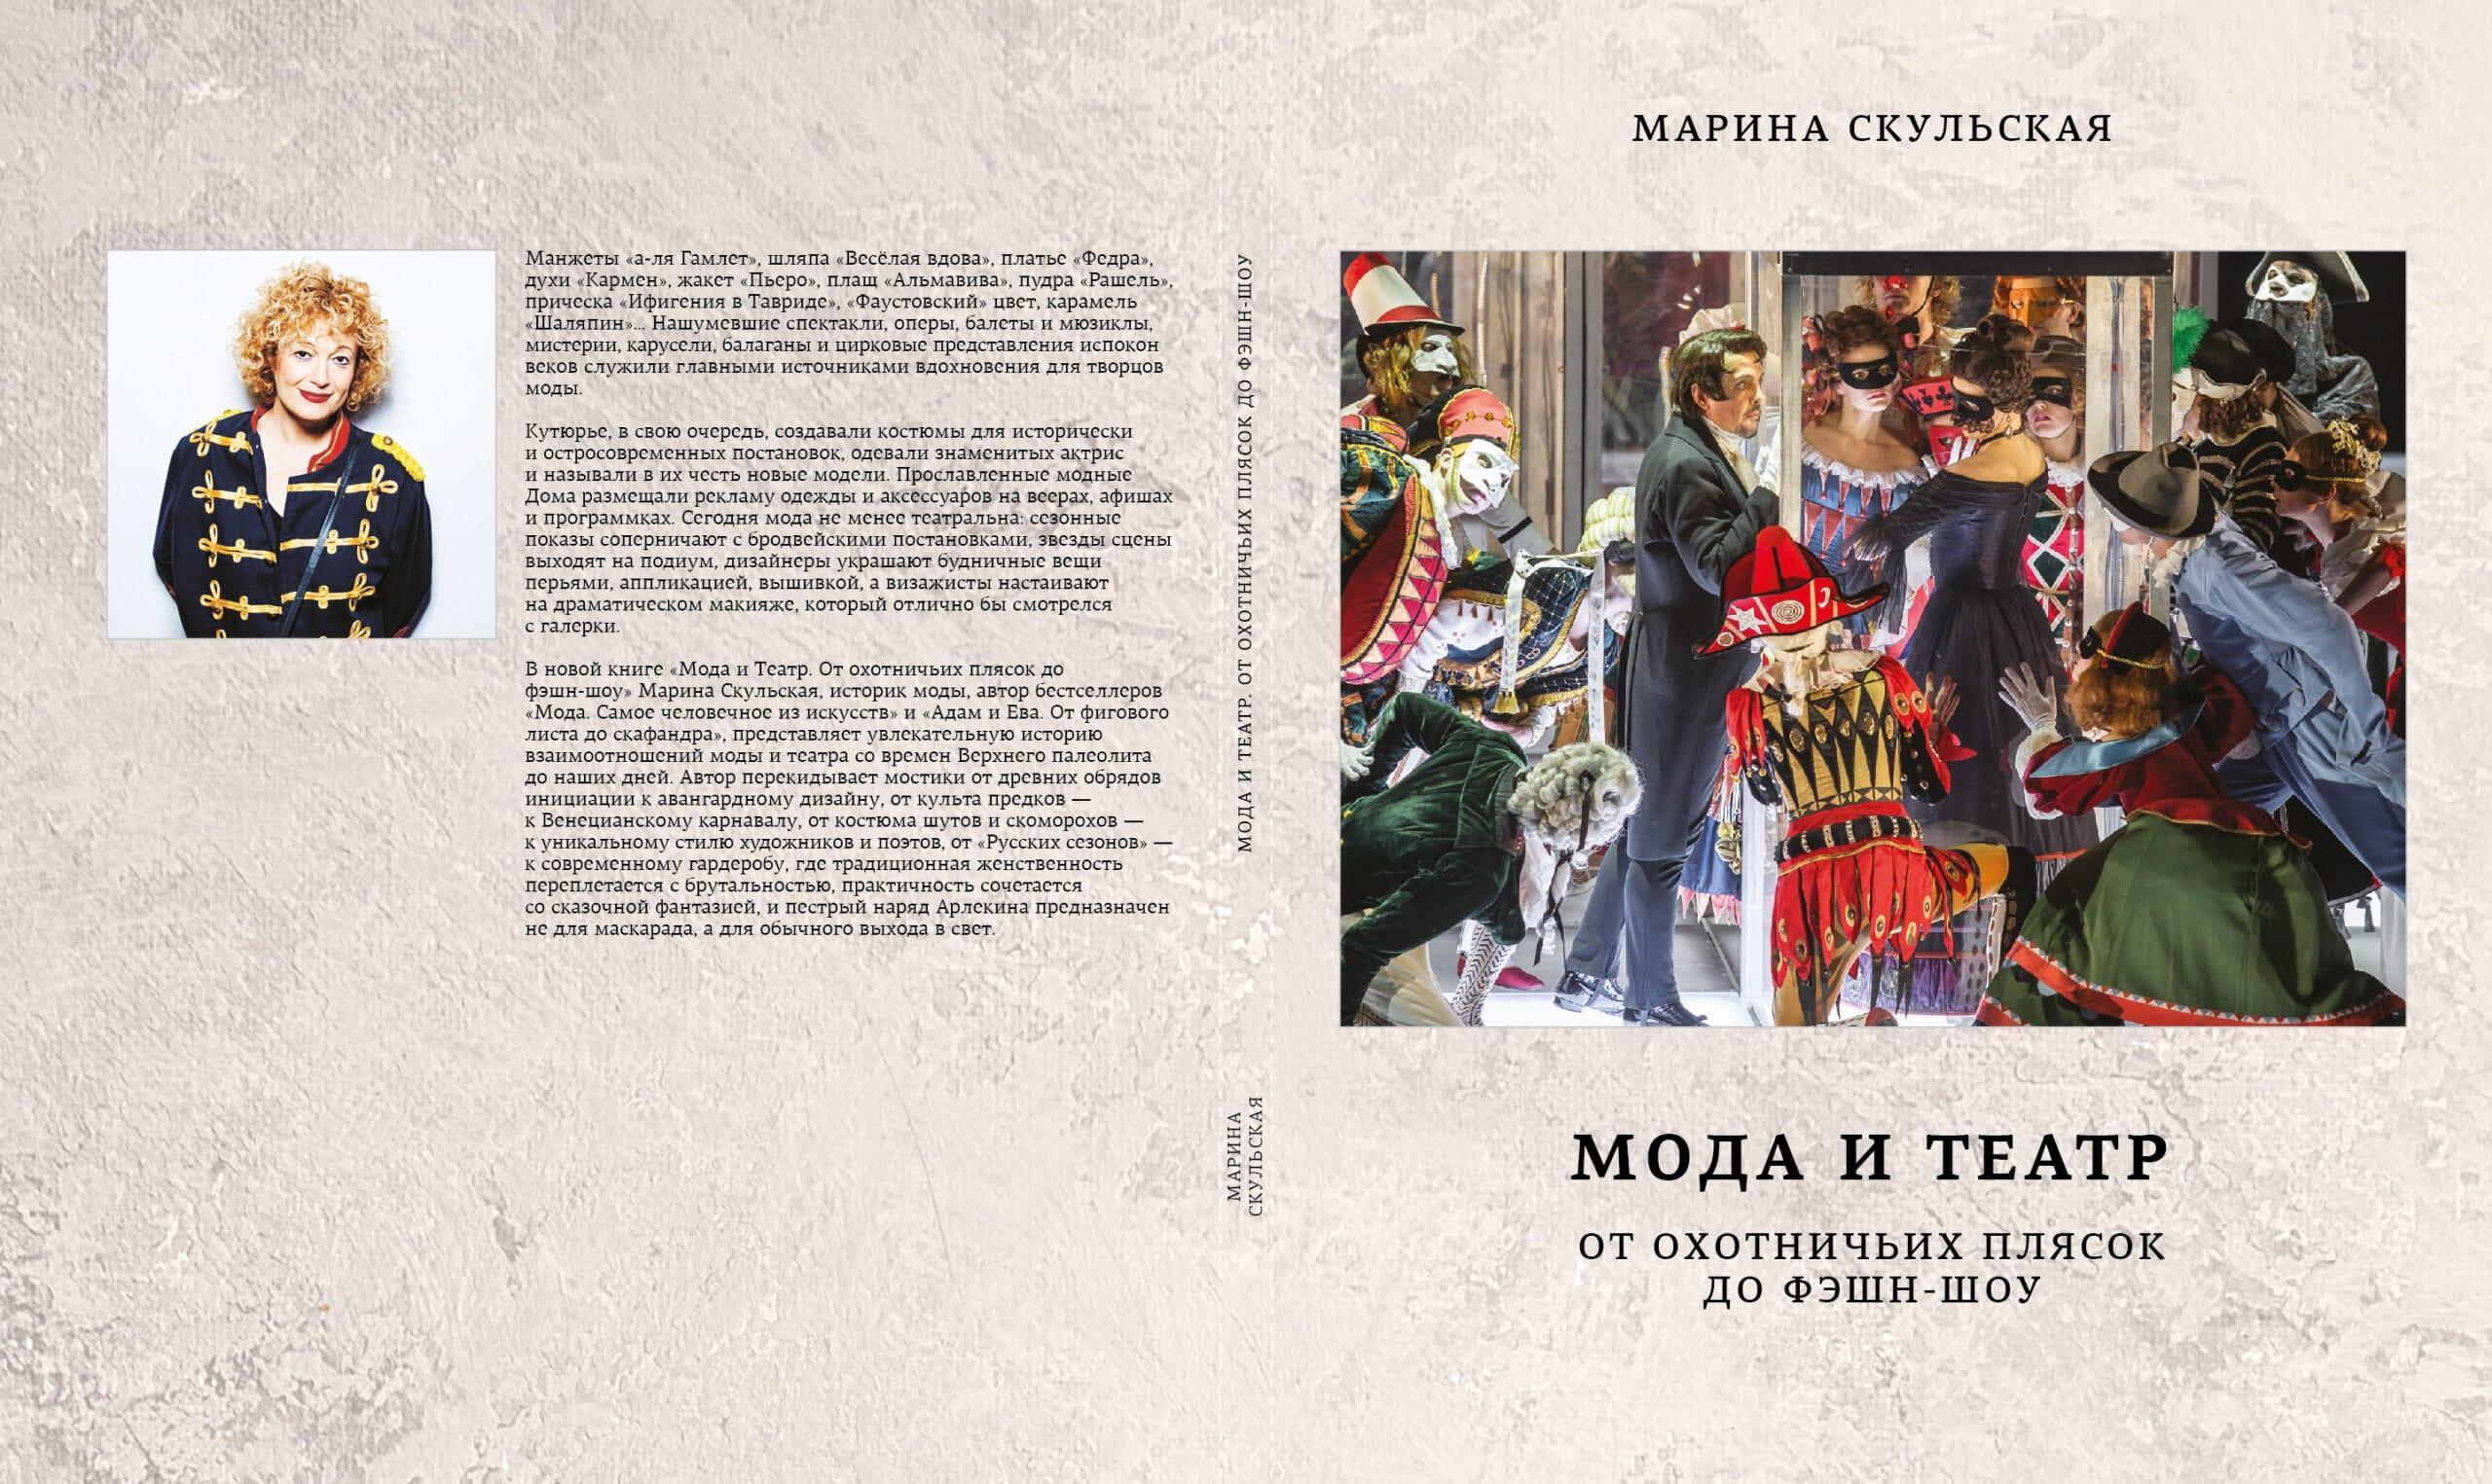 Историк моды Марина Скульская презентует новую книгу